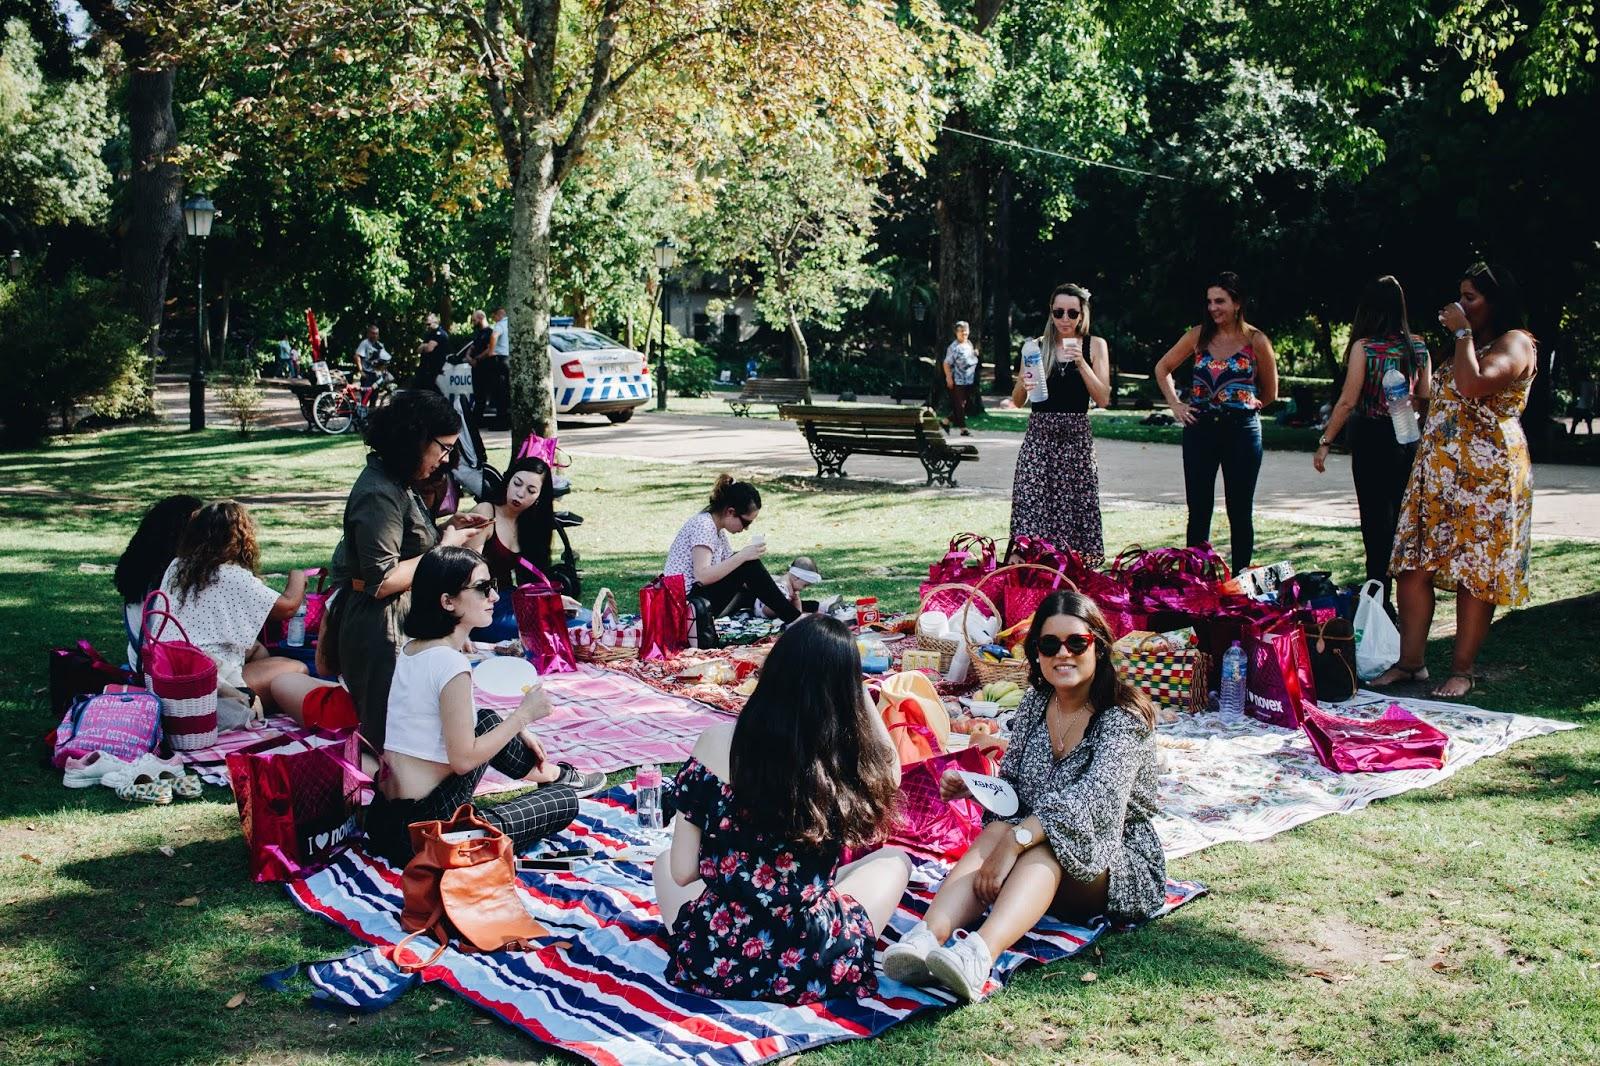 No dia 31 de agosto celebrou-se o Dia do Blog. A equipa da Embelleze organizou um piquenique no Jardim da Estrela (em Lisboa), em que reuniu as embaixadoras da marca para aproveitar um belo dia de sol. Eu e a Daniela, que vivemos no centro (pertinho uma da outra) decidimos que era uma excelente oportunidade e lá fomos nós, rumo a Lisboa. Clica para saber mais!